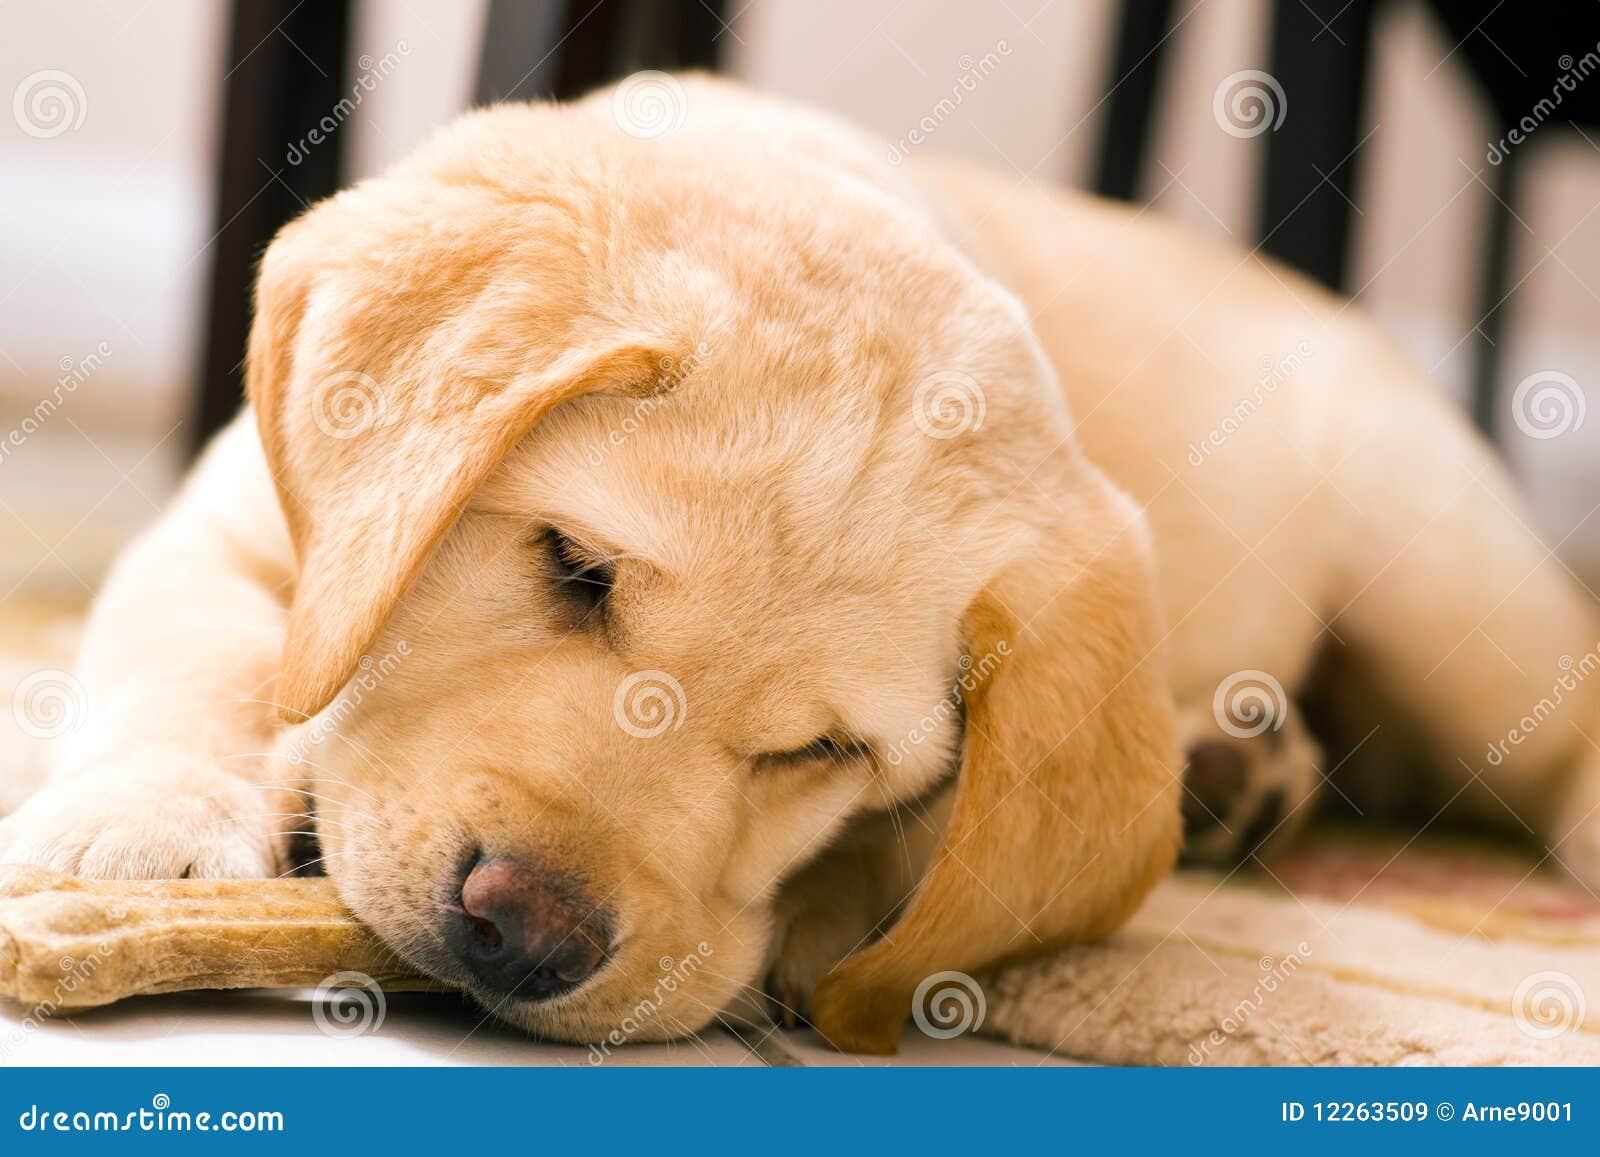 Cane del cucciolo che mangia l 39 osso del giocattolo immagine stock immagine di puppy mammifero - Cane che mangia a tavola ...